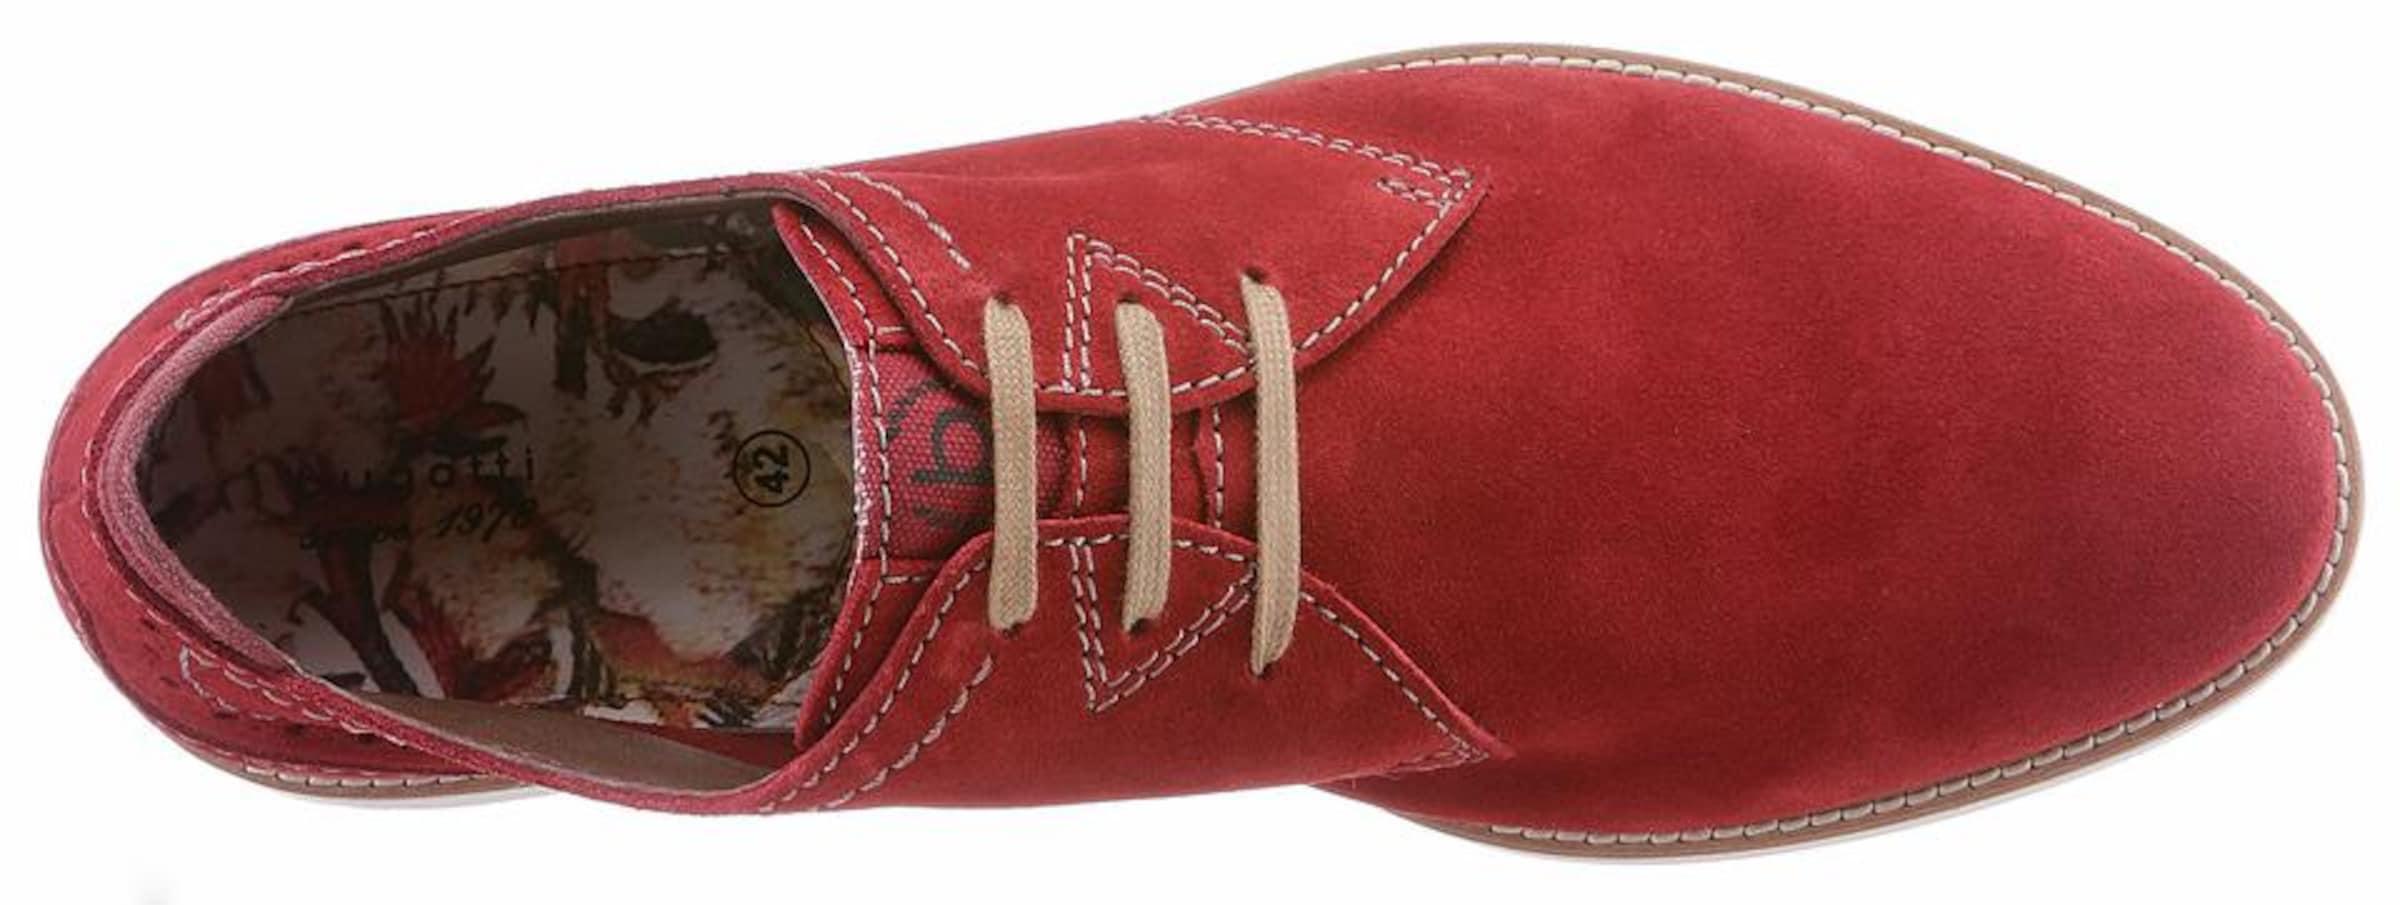 Rouge En Chaussure Lacets Bugatti À rxtQhdCBs